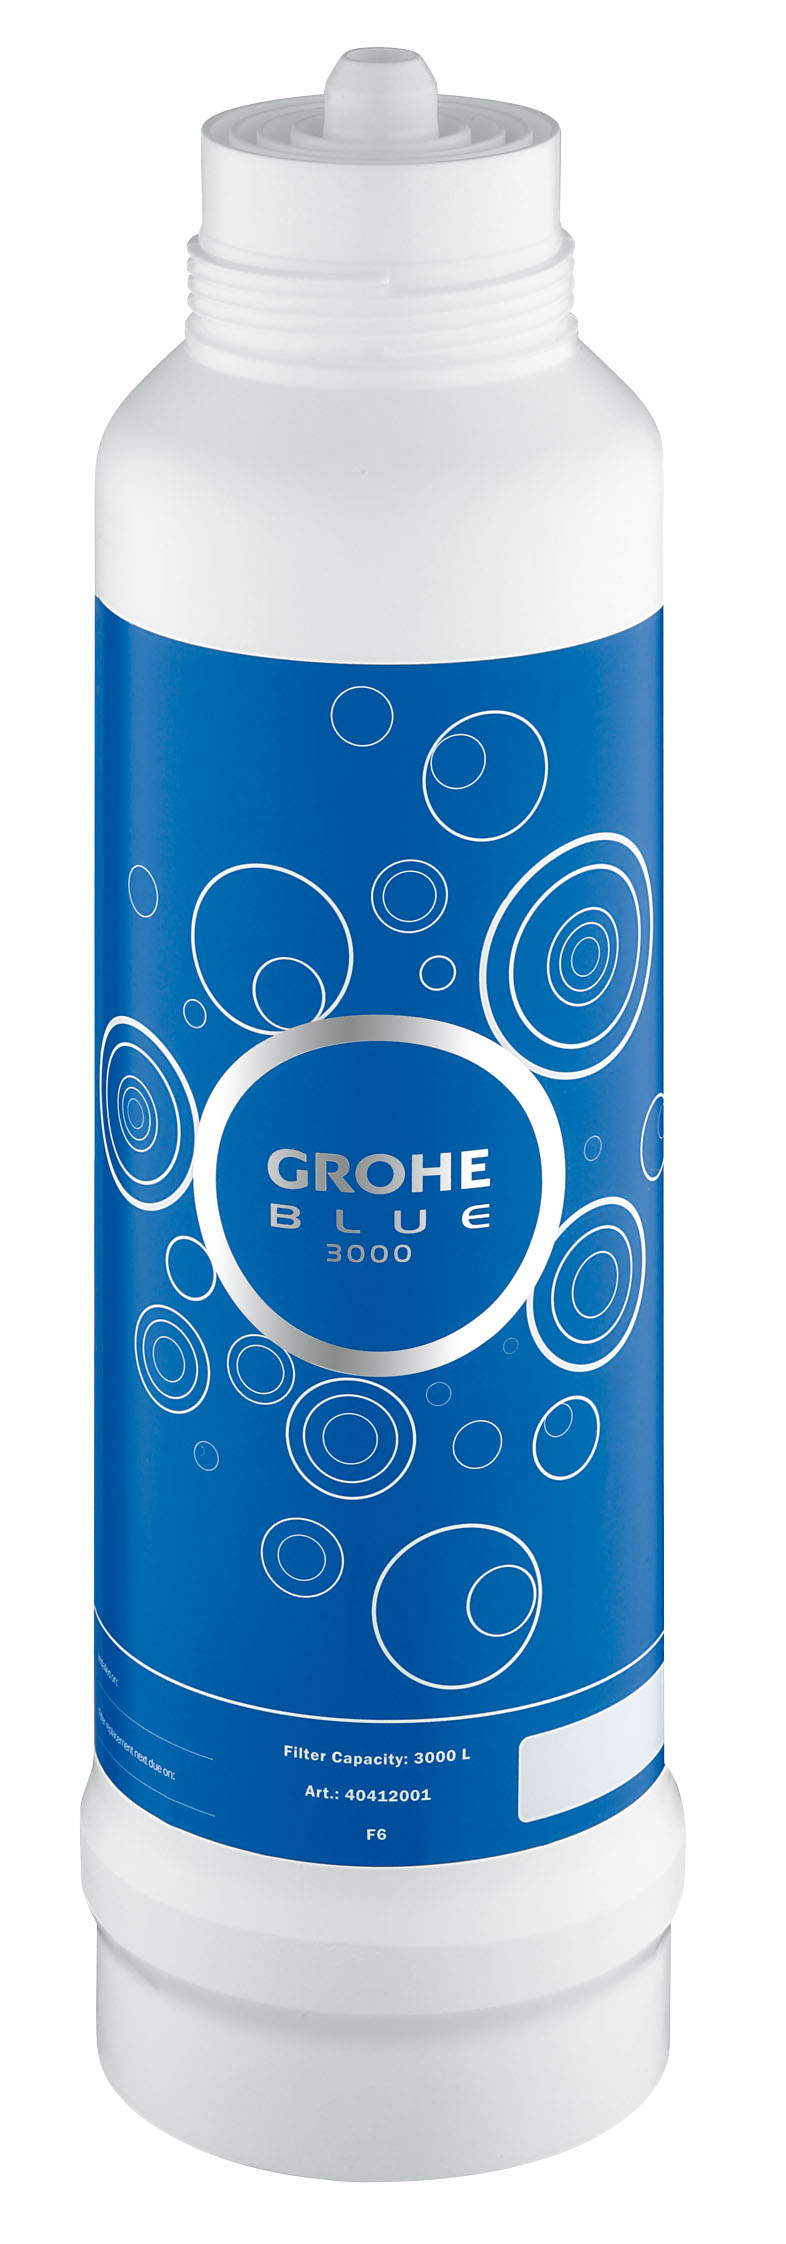 Фильтр сменный для водных систем Grohe Blue, 3000 лBL505GROHE Blue. Cовершенный вкус питьевой воды. Вода – это не только самый ценный ресурс на планете, но и основа существования всего живого. Основой репутации компаний GROHE и BWT – европейских лидеров сферы водопользования – являются принципы безопасности, гигиеничности и высочайшие стандарты качества. Объединив свои наработки и опыт, мы создали принципиально новые системы подачи воды. Инновационные устройства серии GROHE Blue превращают водопроводную воду в чистейшую питьевую.Эту воду Вы будете с наслаждением использовать ежедневно. Фильтры GROHE Blue понижают содержание извести в водопроводной воде и превращают ее в приятную на вкус и пригодную для питья. Уникальная технология 5-ступенчатой фильтрации очищает воду от всех примесей, ухудшающих ее вкус и запах. В результате получается чистейшая вода – без тяжелых металлов, примесей, извести и хлора.Как работает фильтр GROHE Blue:1) Предварительная фильтрация - предварительная грубая очистка от частиц, попадающих в воду при ее прохождении через систему водоснабжения, удерживает крупные частицы; 2) Предварительная фильтрация на основе активированного угля - вторая ступень предварительной фильтрации, очищающая воду от источников неприятного запаха и вкуса (например, хлора); 3) Ионообменный фильтр - прохождение воды через высокопроизводительный ионообменник, понижающий содержание извести и тяжелых металлов. Смягчает воду, снижая карбонатную жесткость, и связывает ионы тяжелых металлов, таких как свинец и медь; 4) Фильтр из активированного угля - фильтрация на основе активированного угля устраняет неприятный вкус, придаваемый воде хлором и органическими примесями; 5) Фильтр тонкой очистки - удерживает частицы величиной до 10 микрон.Комплект поставкии:BWT фильтр для GROHEBlue Объем 3000 л Для использования с головкой фильтра GROHE Blue 64 508 001 Видео по установке является исключительно информационным. Установка должна проводиться профессионалами!